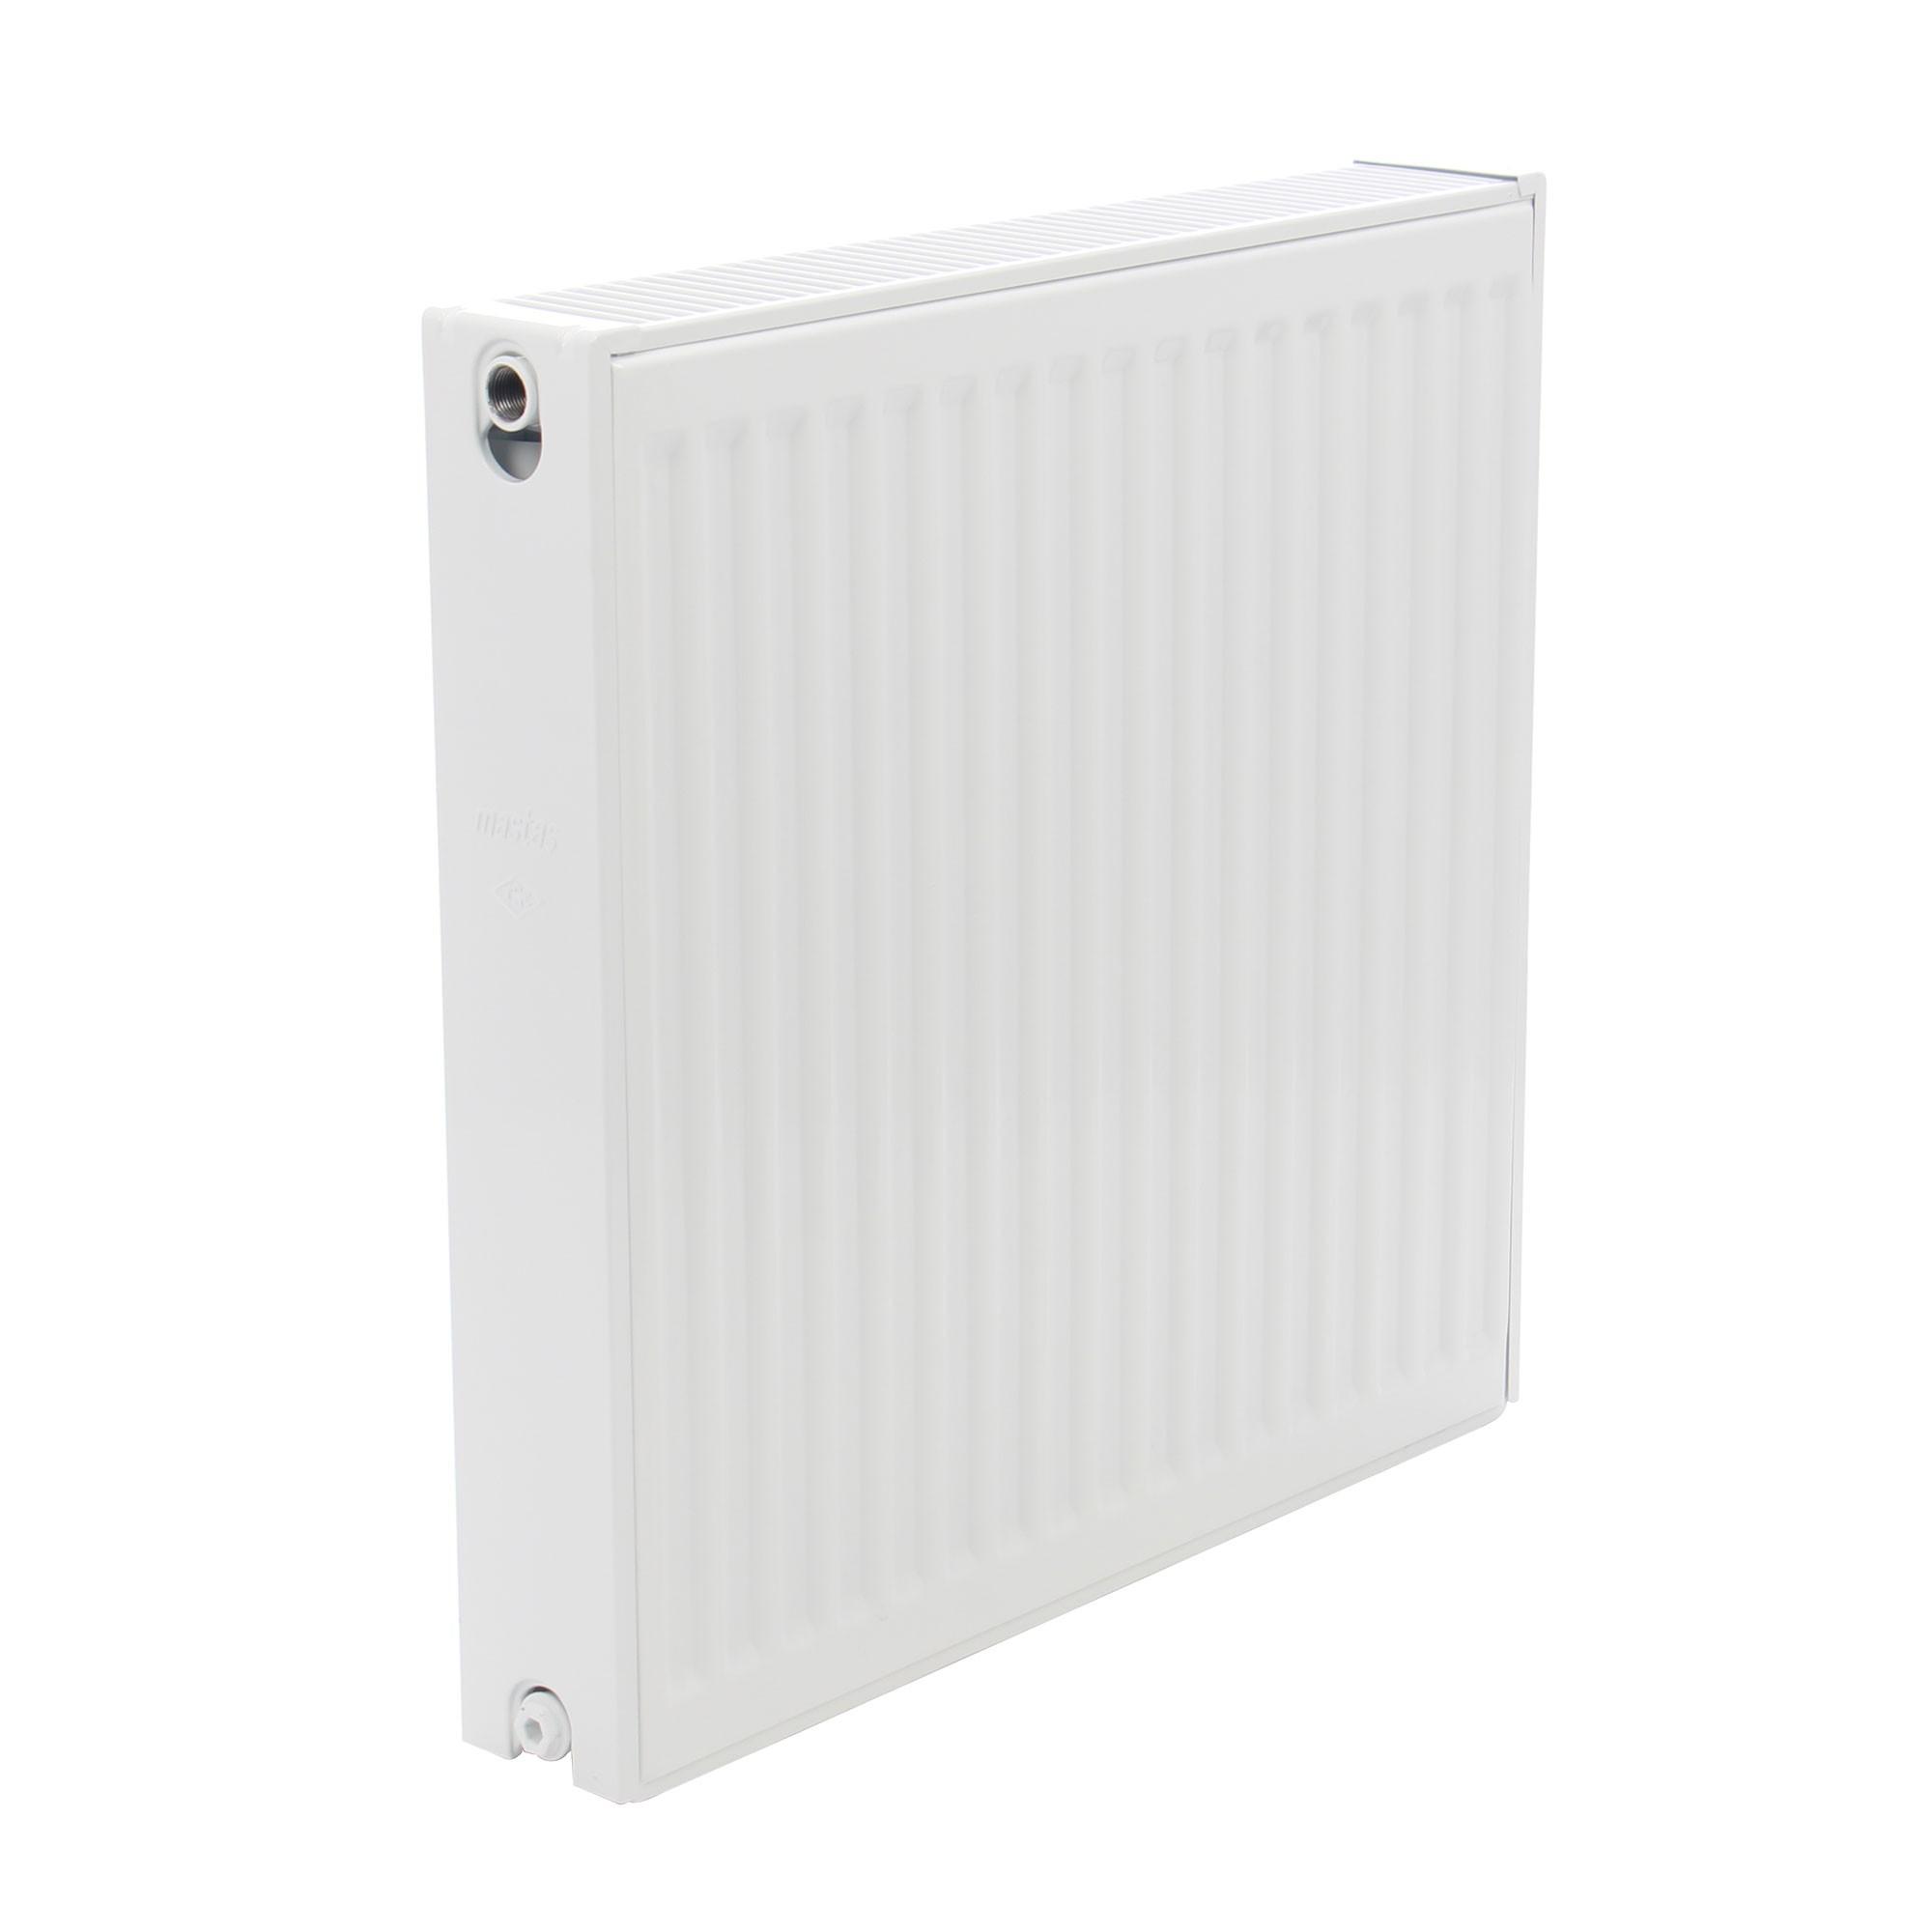 Radiator (calorifer) otel VIGO 22, 600 x 600 mm, accesorii incluse imagine fornello.ro